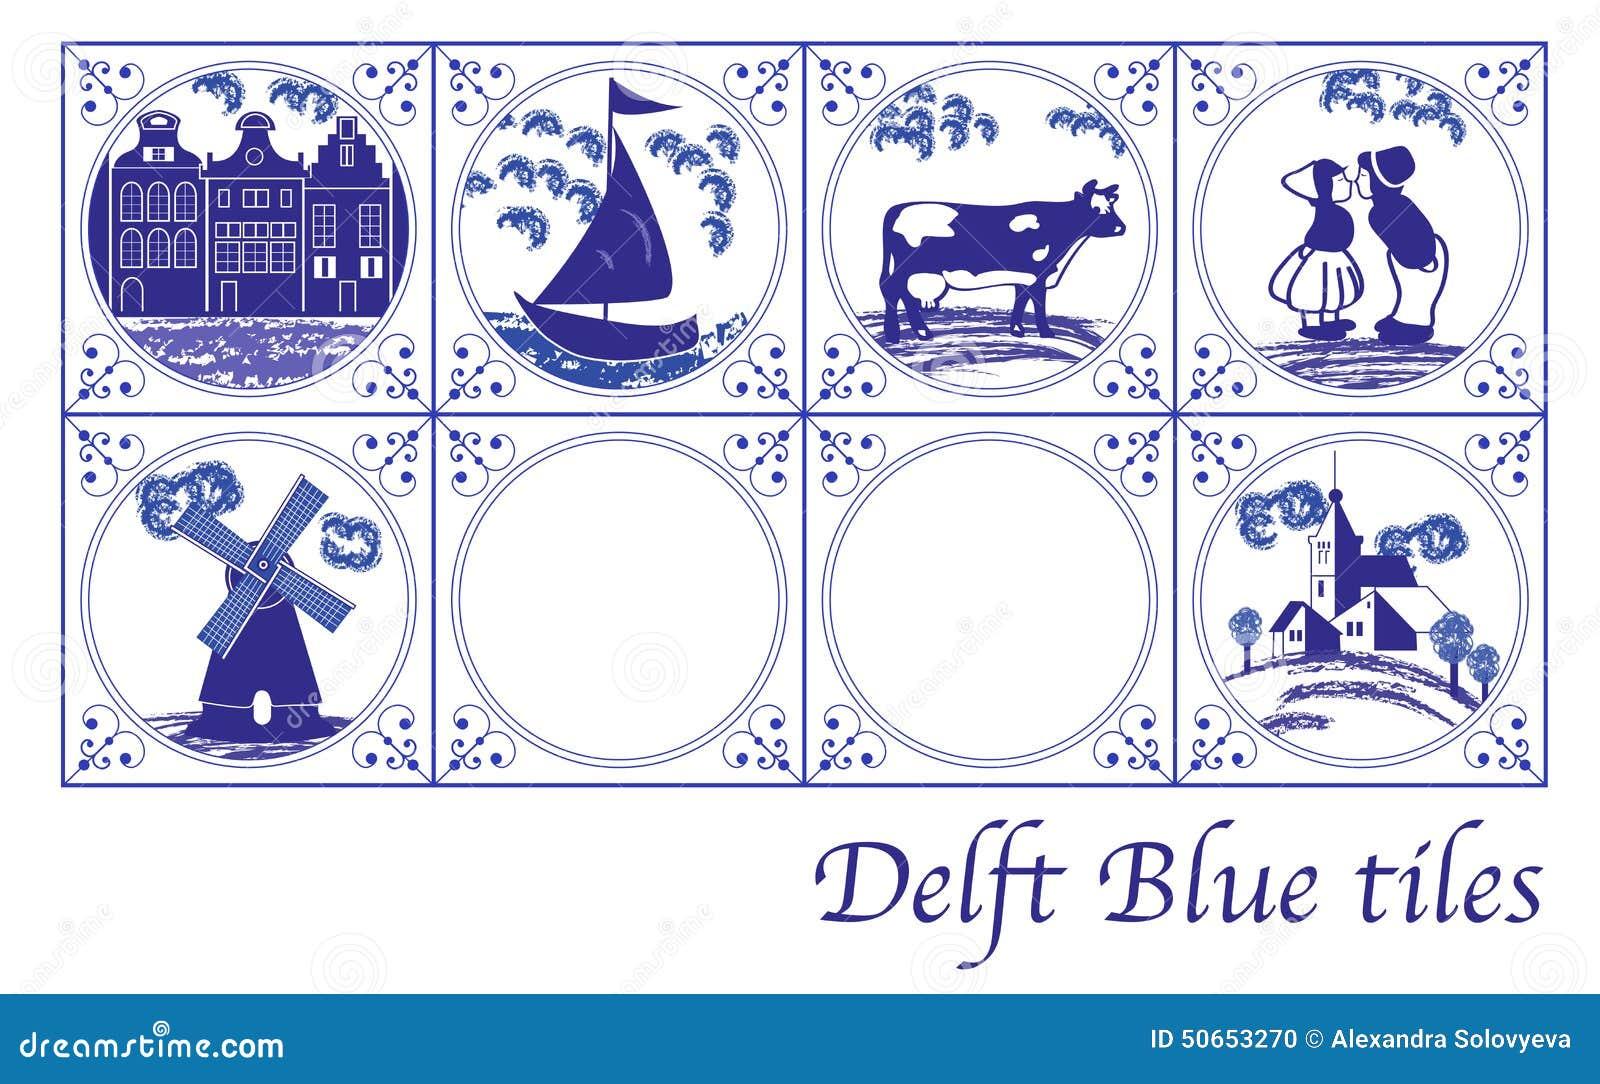 keuken tegels delfts blauw : De Blauwe Nederlandse Tegels Van Delft Met Volksbeelden Vector